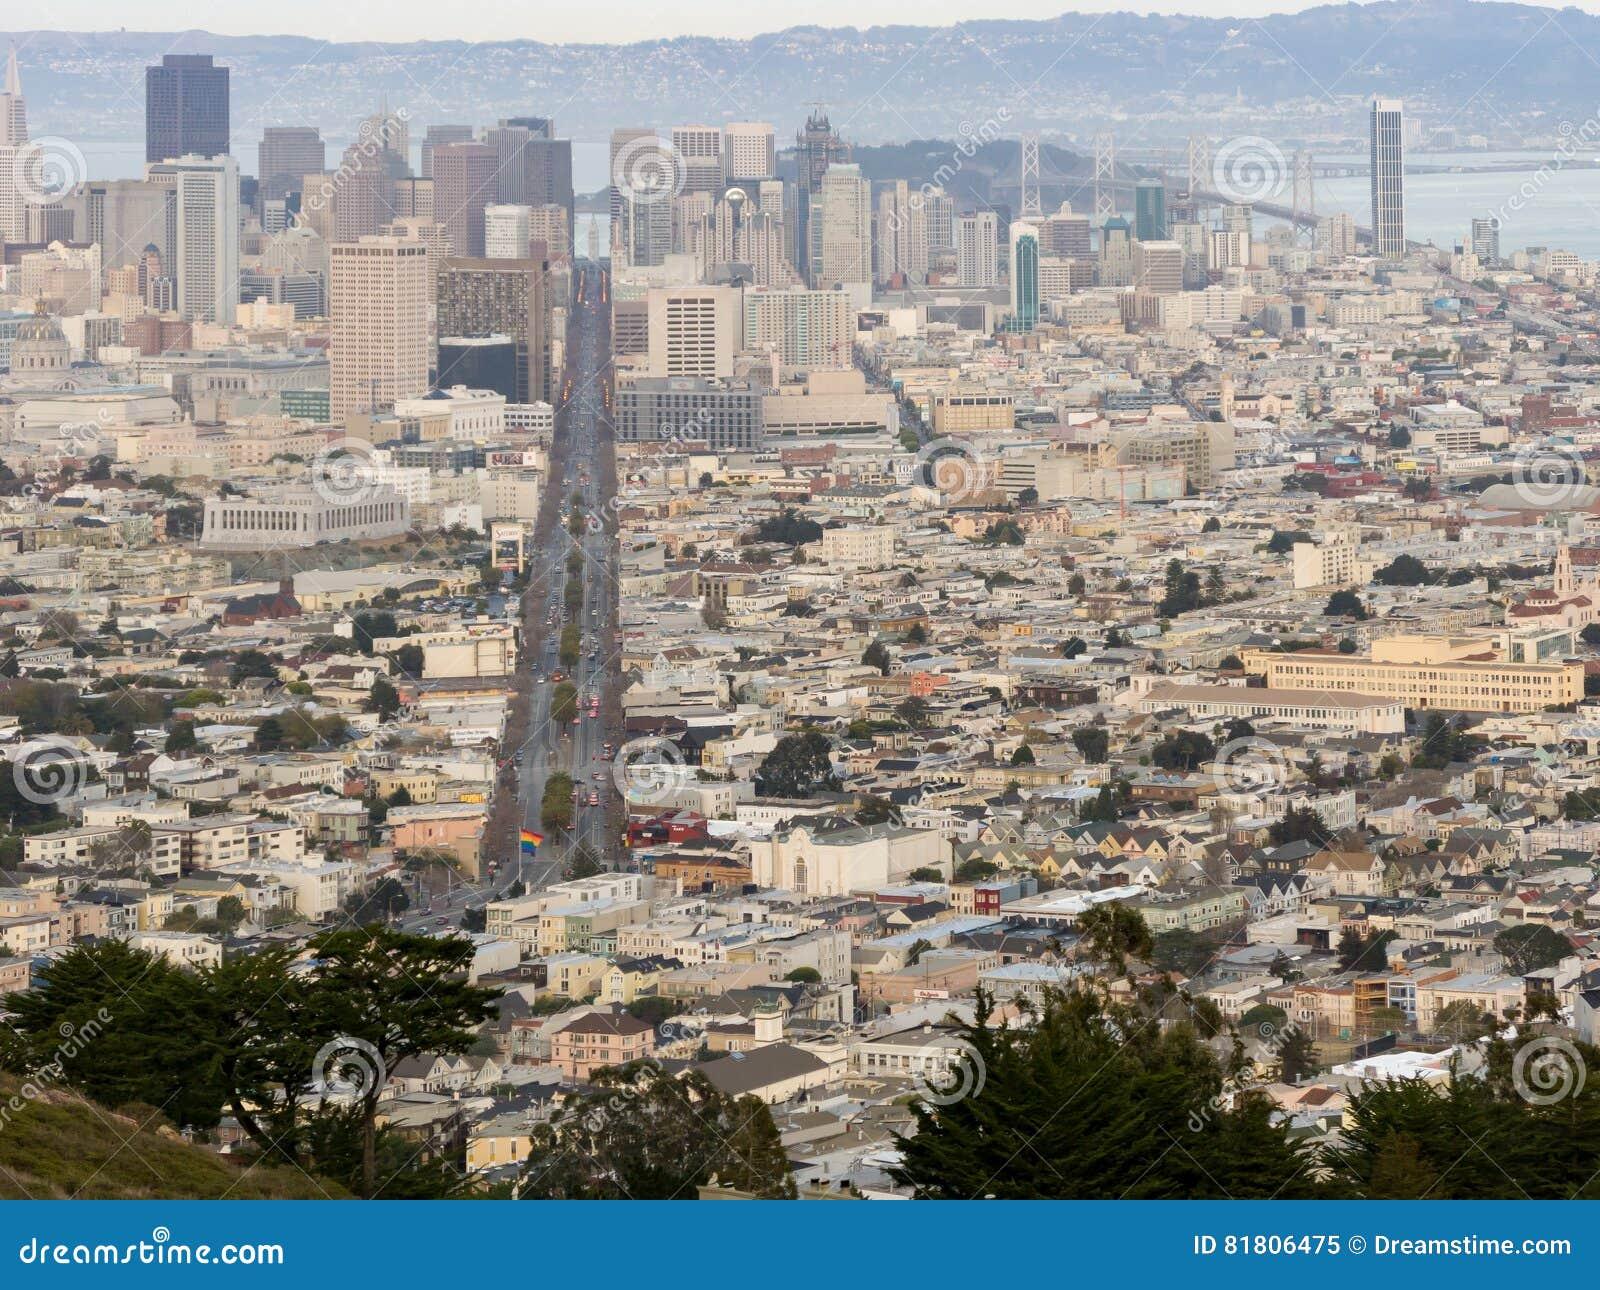 Обзор городского пейзажа Сан-Франциско